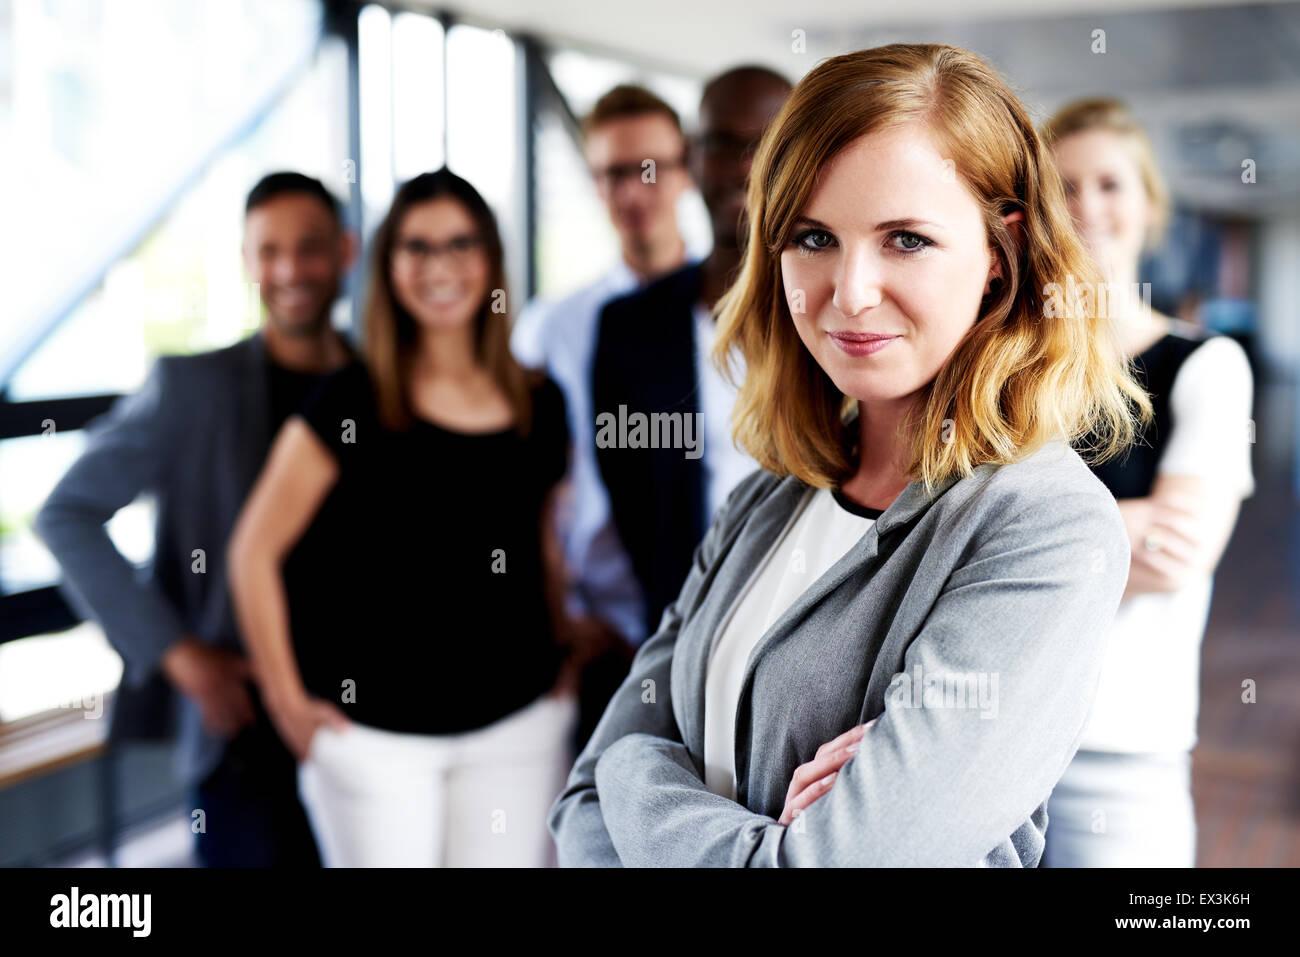 Junge weiße Frau Executive mit verschränkten Armen stand vor der Kollegen an der Kamera grinsend Stockbild